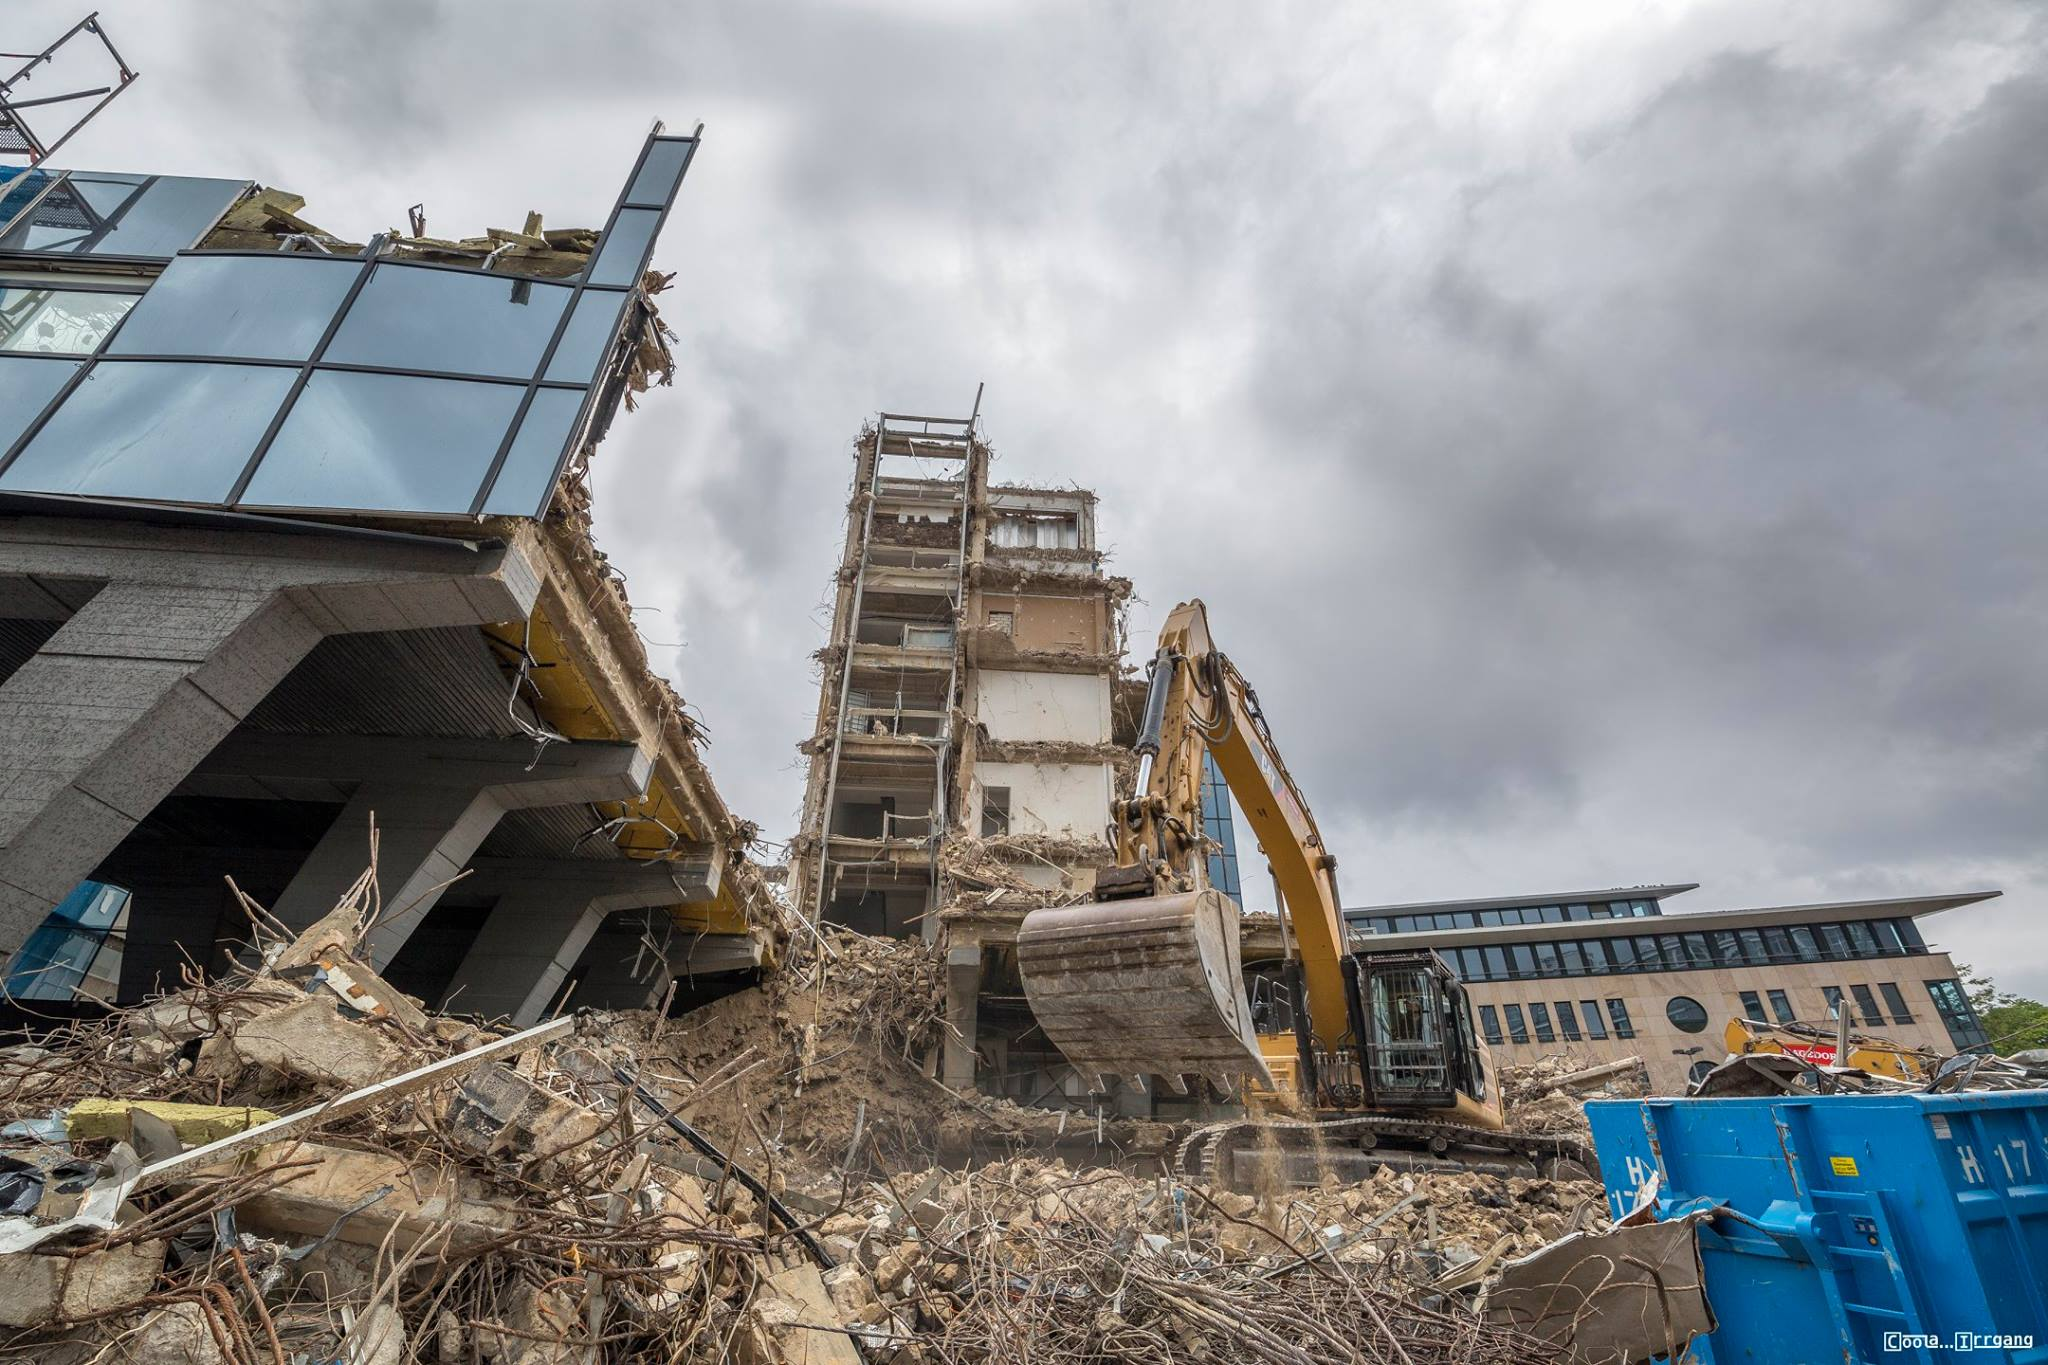 Ärztehaus Hannover wird abgerissen